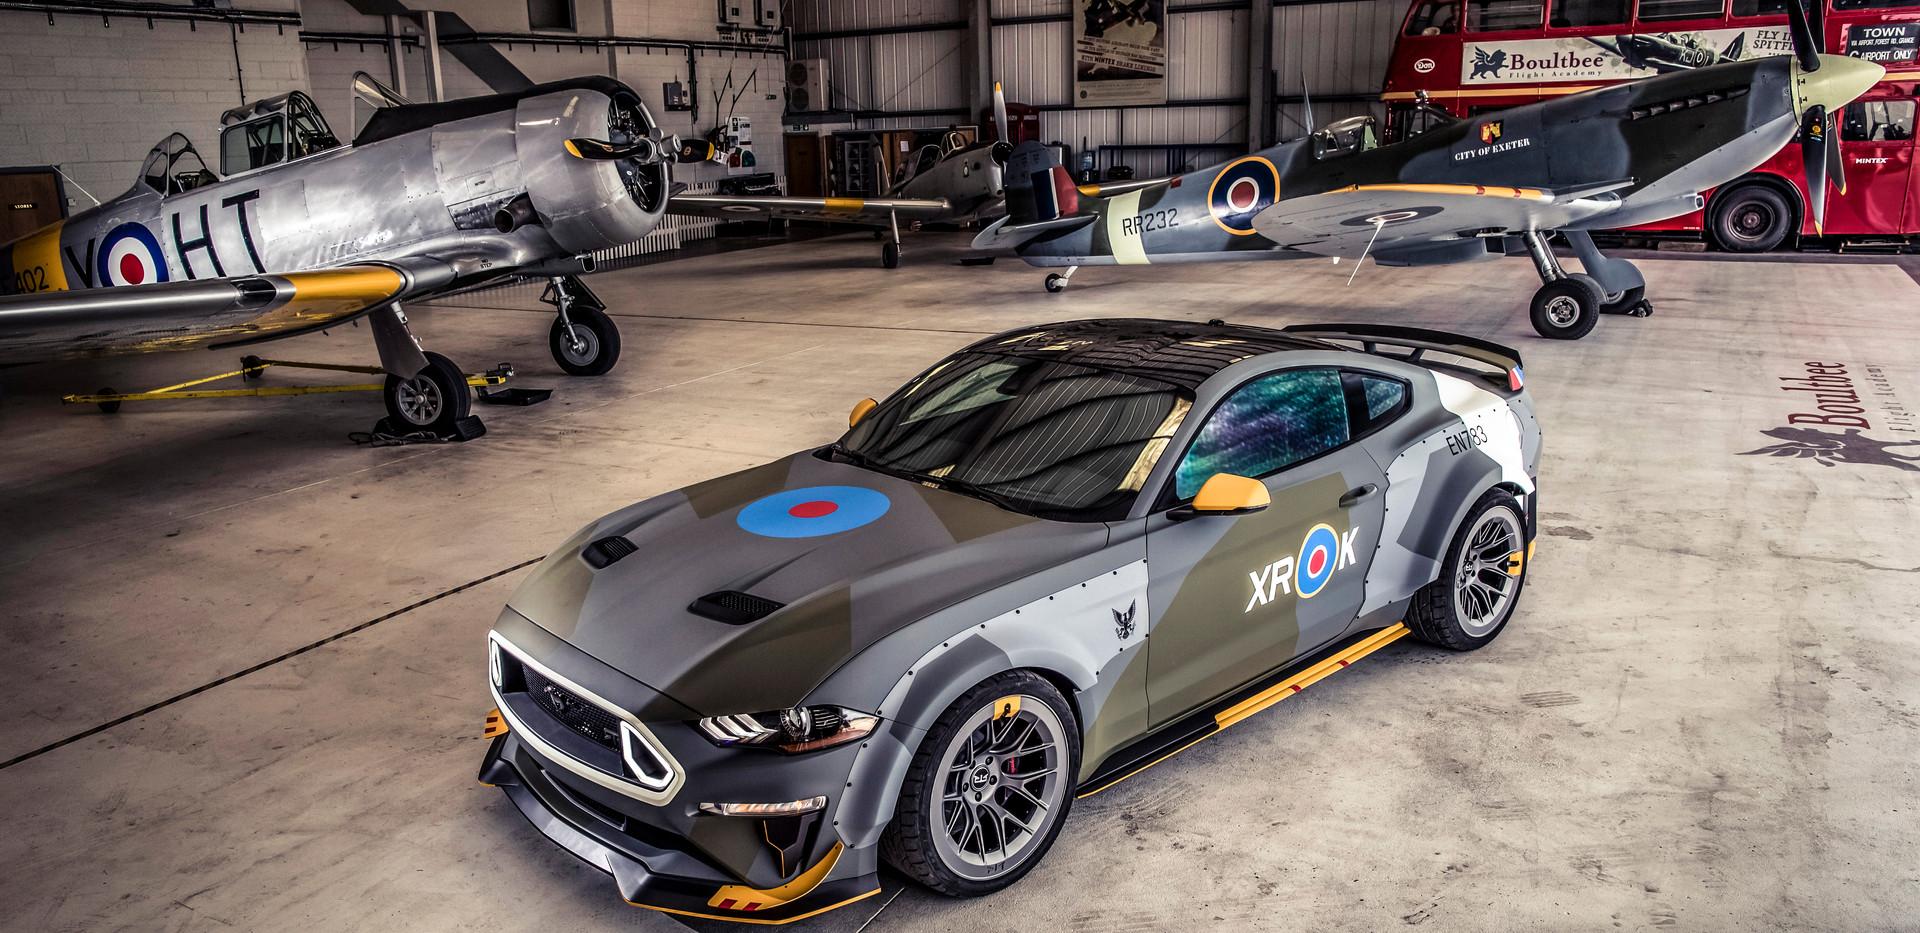 0343_DG_Mustang_Spitfire.jpg